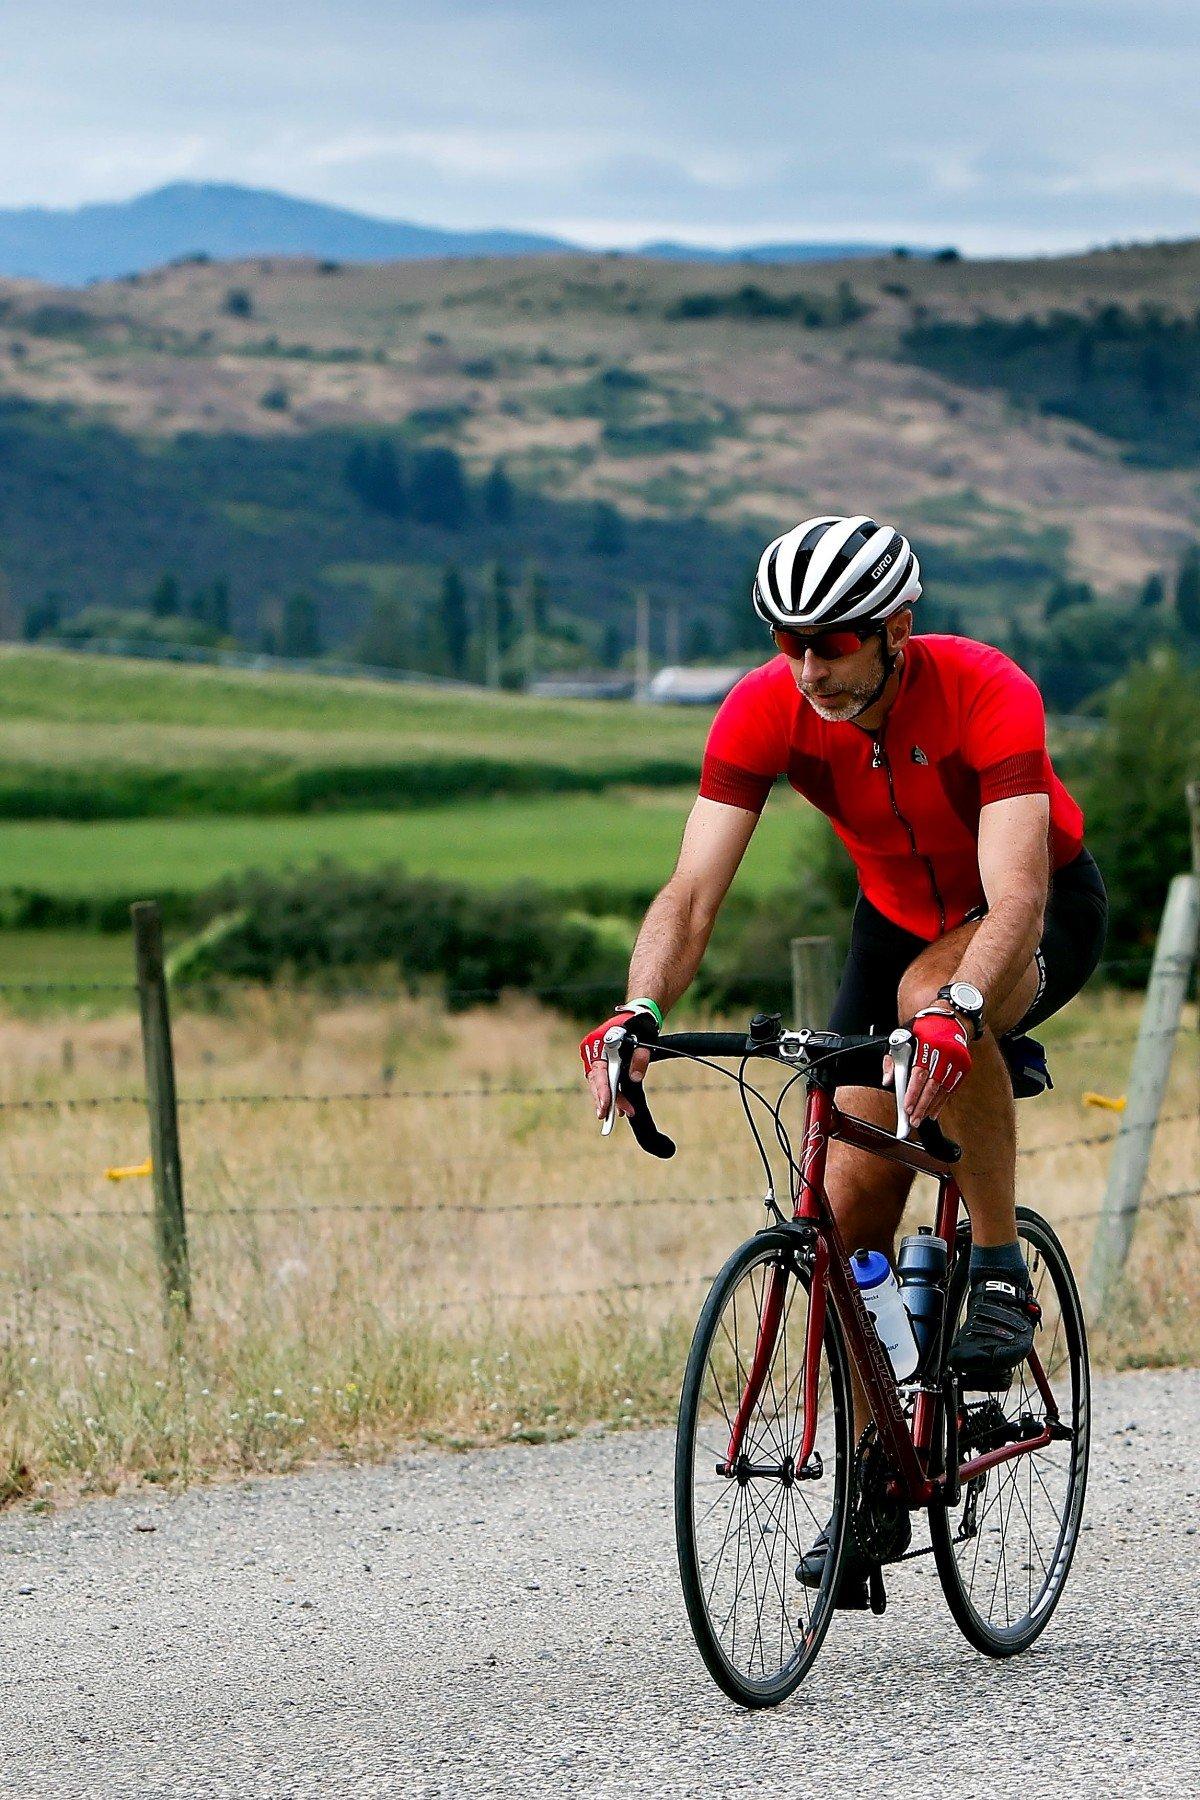 интереснейших картинка спорт с велосипедами герои